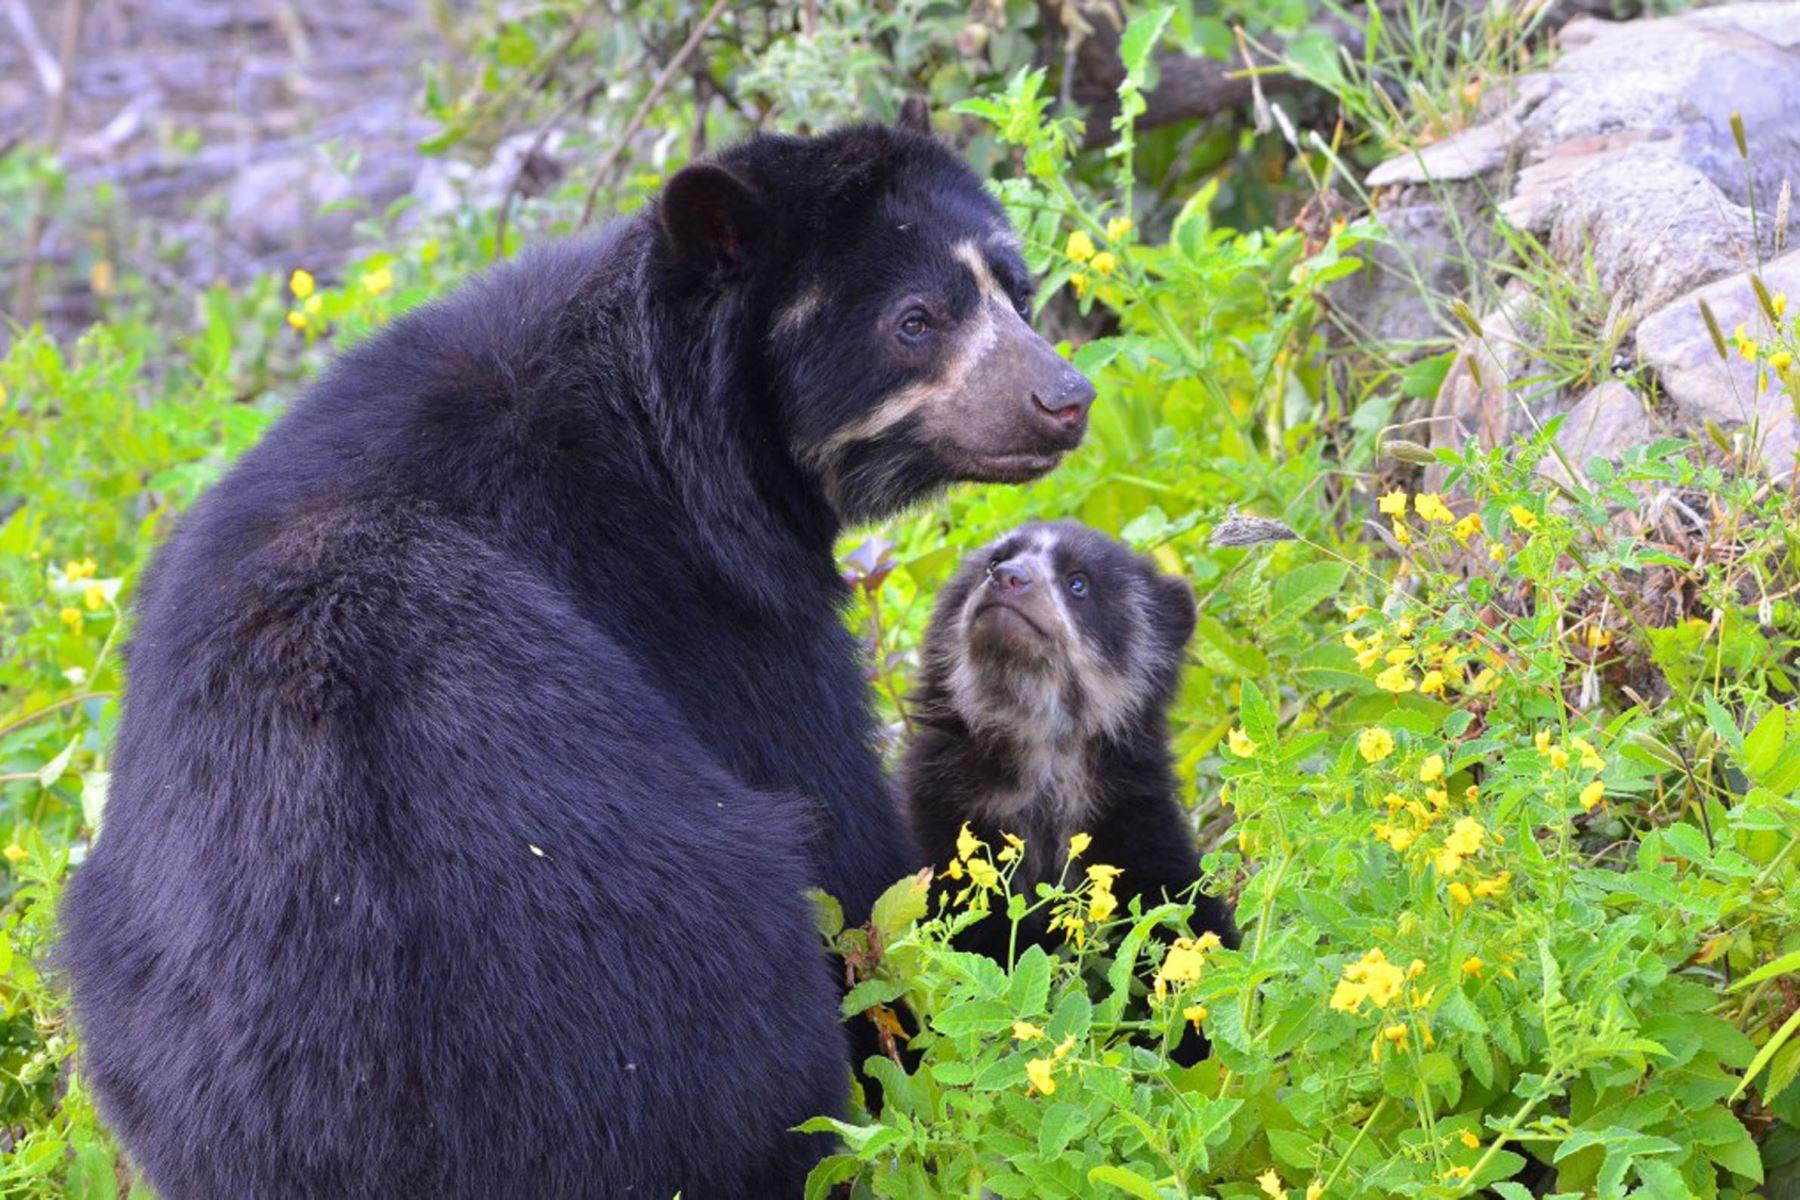 El oso de anteojos (Tremarctos ornatus) es una de las especies emblemáticas de la Reserva Ecológica Chaparrí. En área se ubica a la única población importante de osos de anteojos de la costa peruana al registrar alrededor de 40 ejemplares. Foto: Heinz Plenge